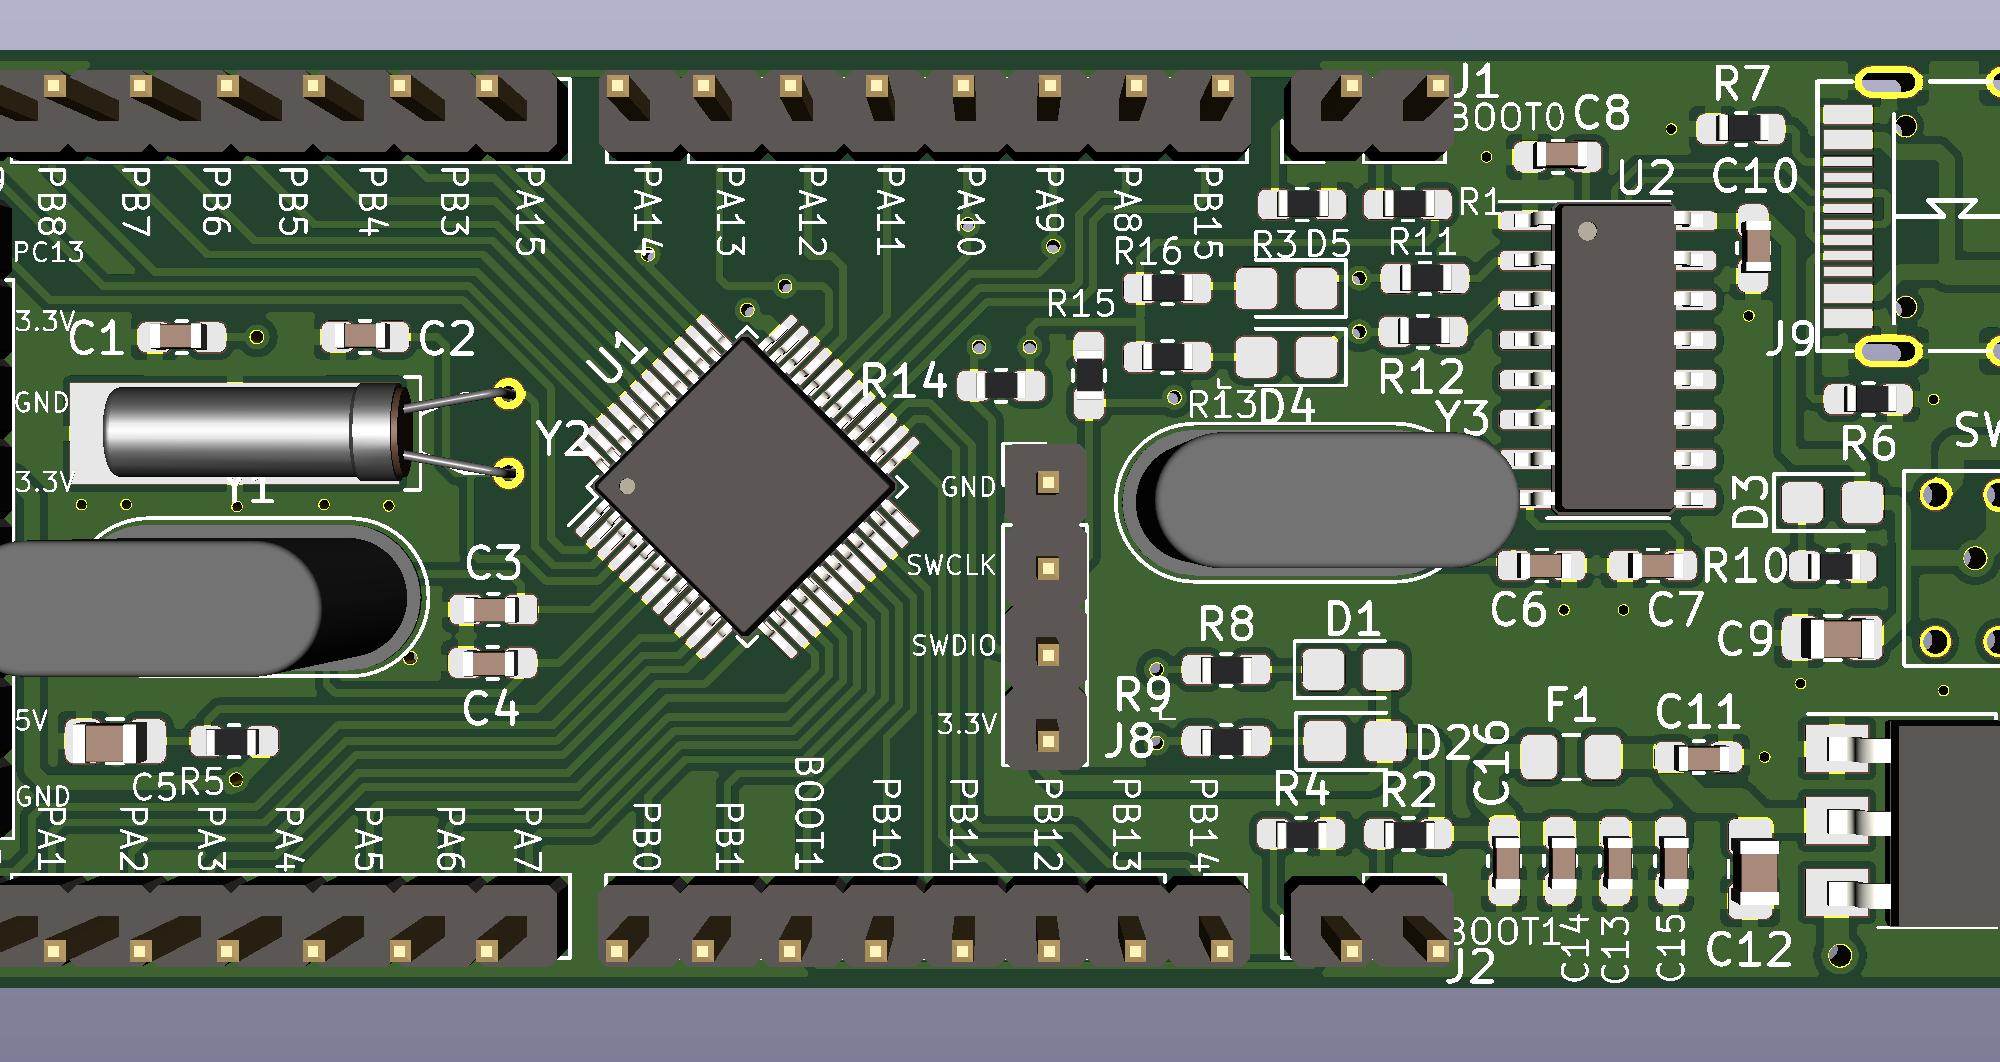 STM32F103C8T6最小系统